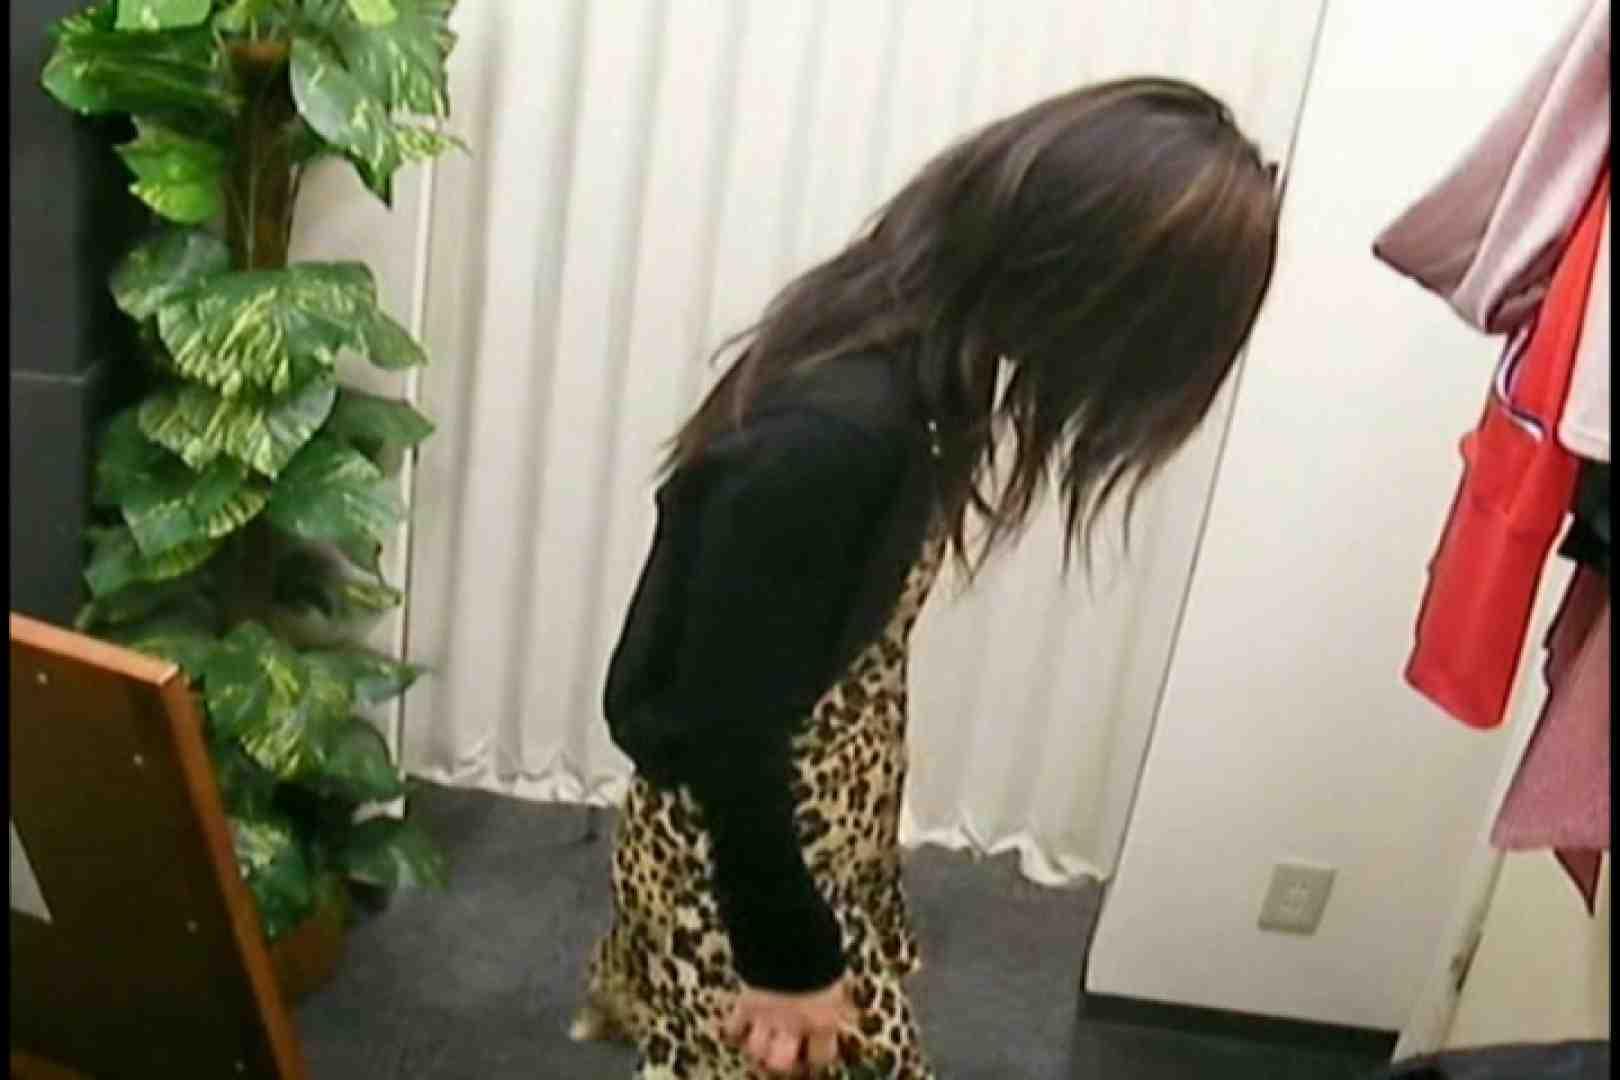 素人撮影 下着だけの撮影のはずが・・・りか26歳 モデルヌード | 下着  91pic 6